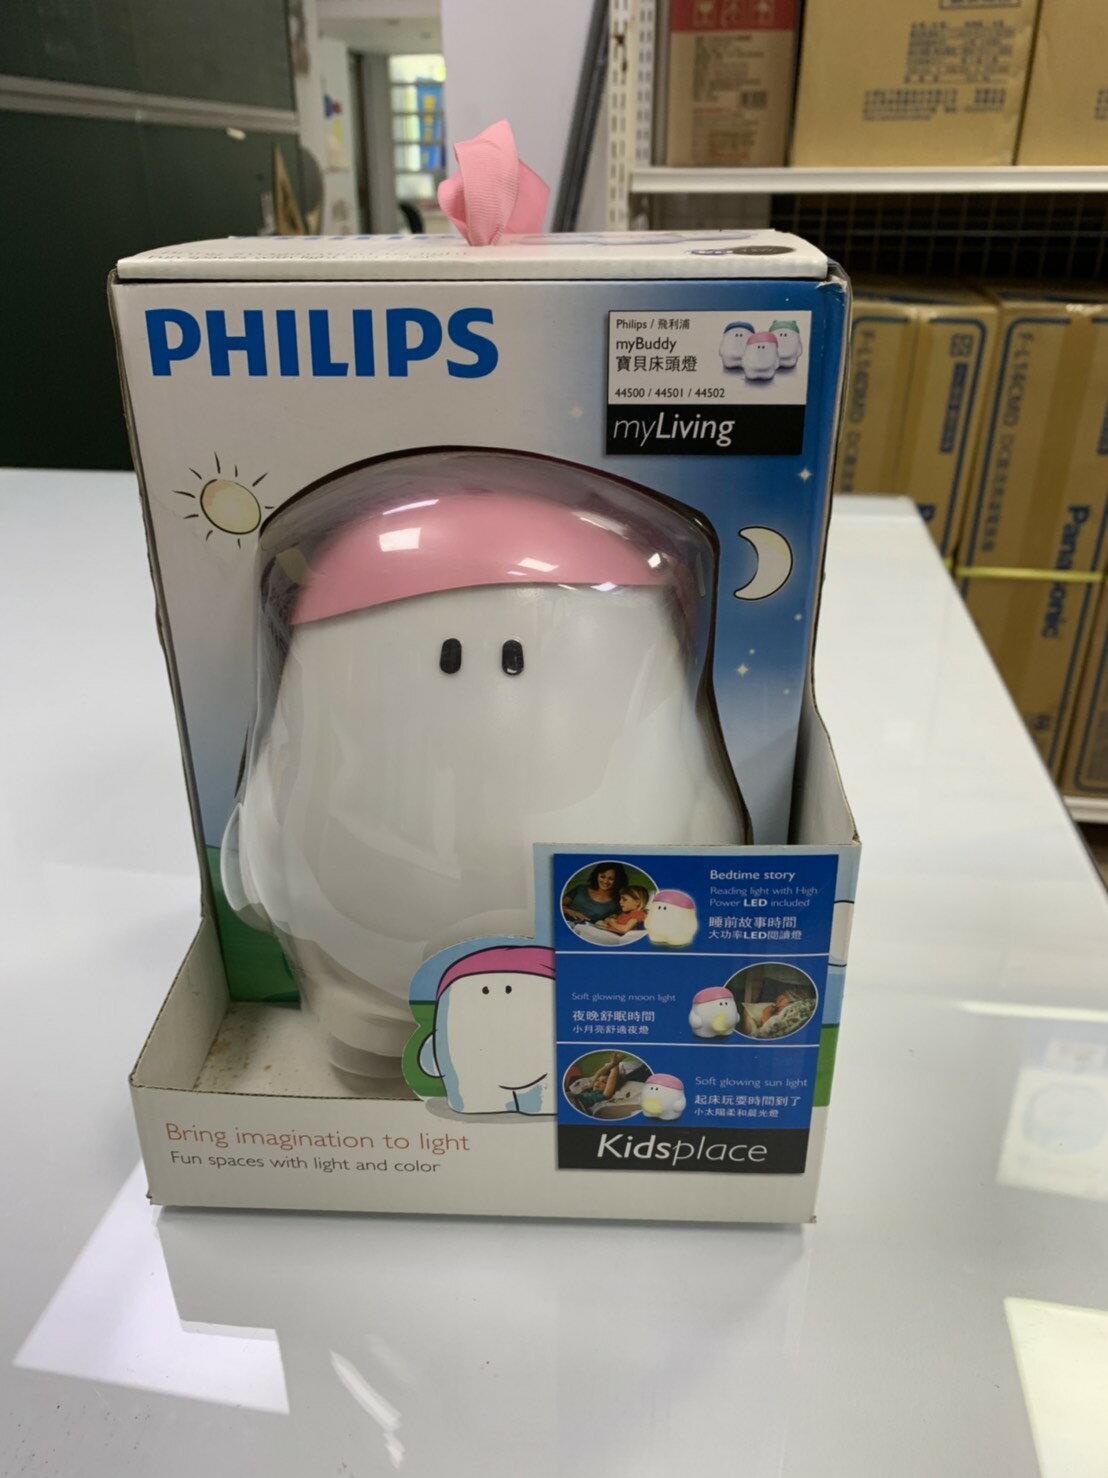 ★杰米家電☆  限量1台Philips飛利浦 44500 44501 myBuddy寶貝床頭燈-粉色